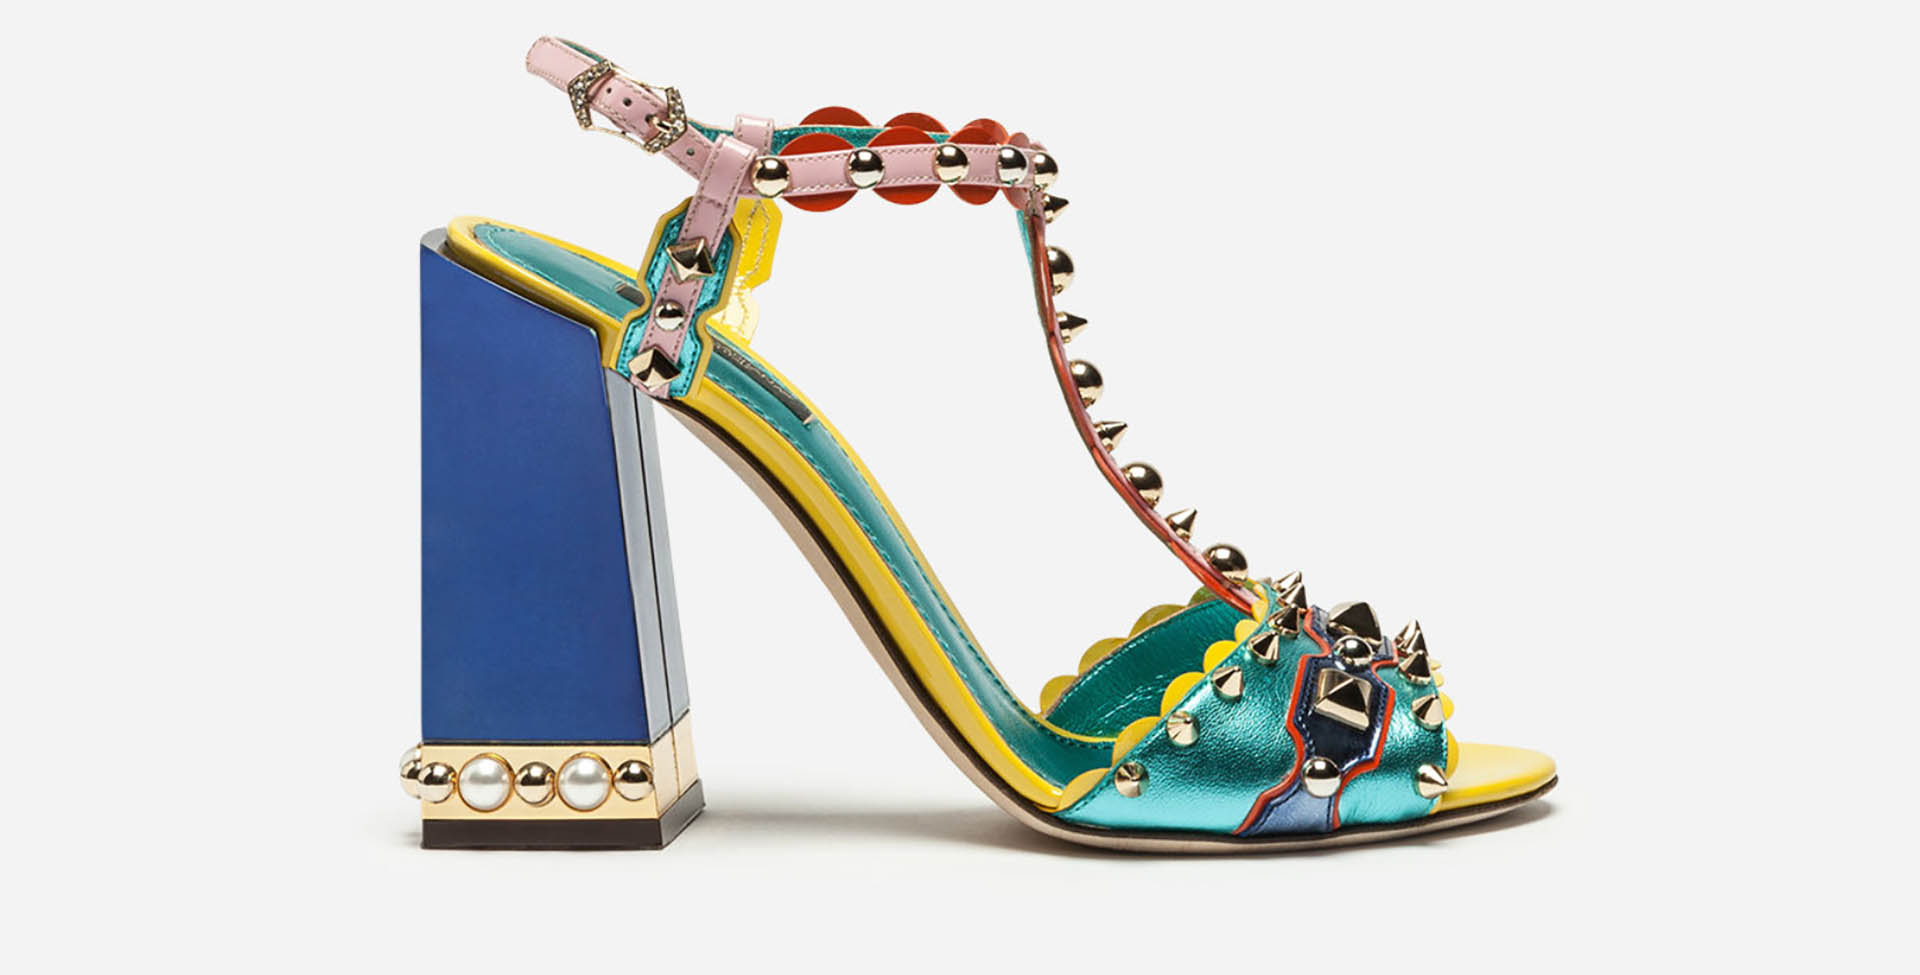 ZapatosLos Pisan Pasarelas Que En Modelos Fuerte Las CxWoQerBdE